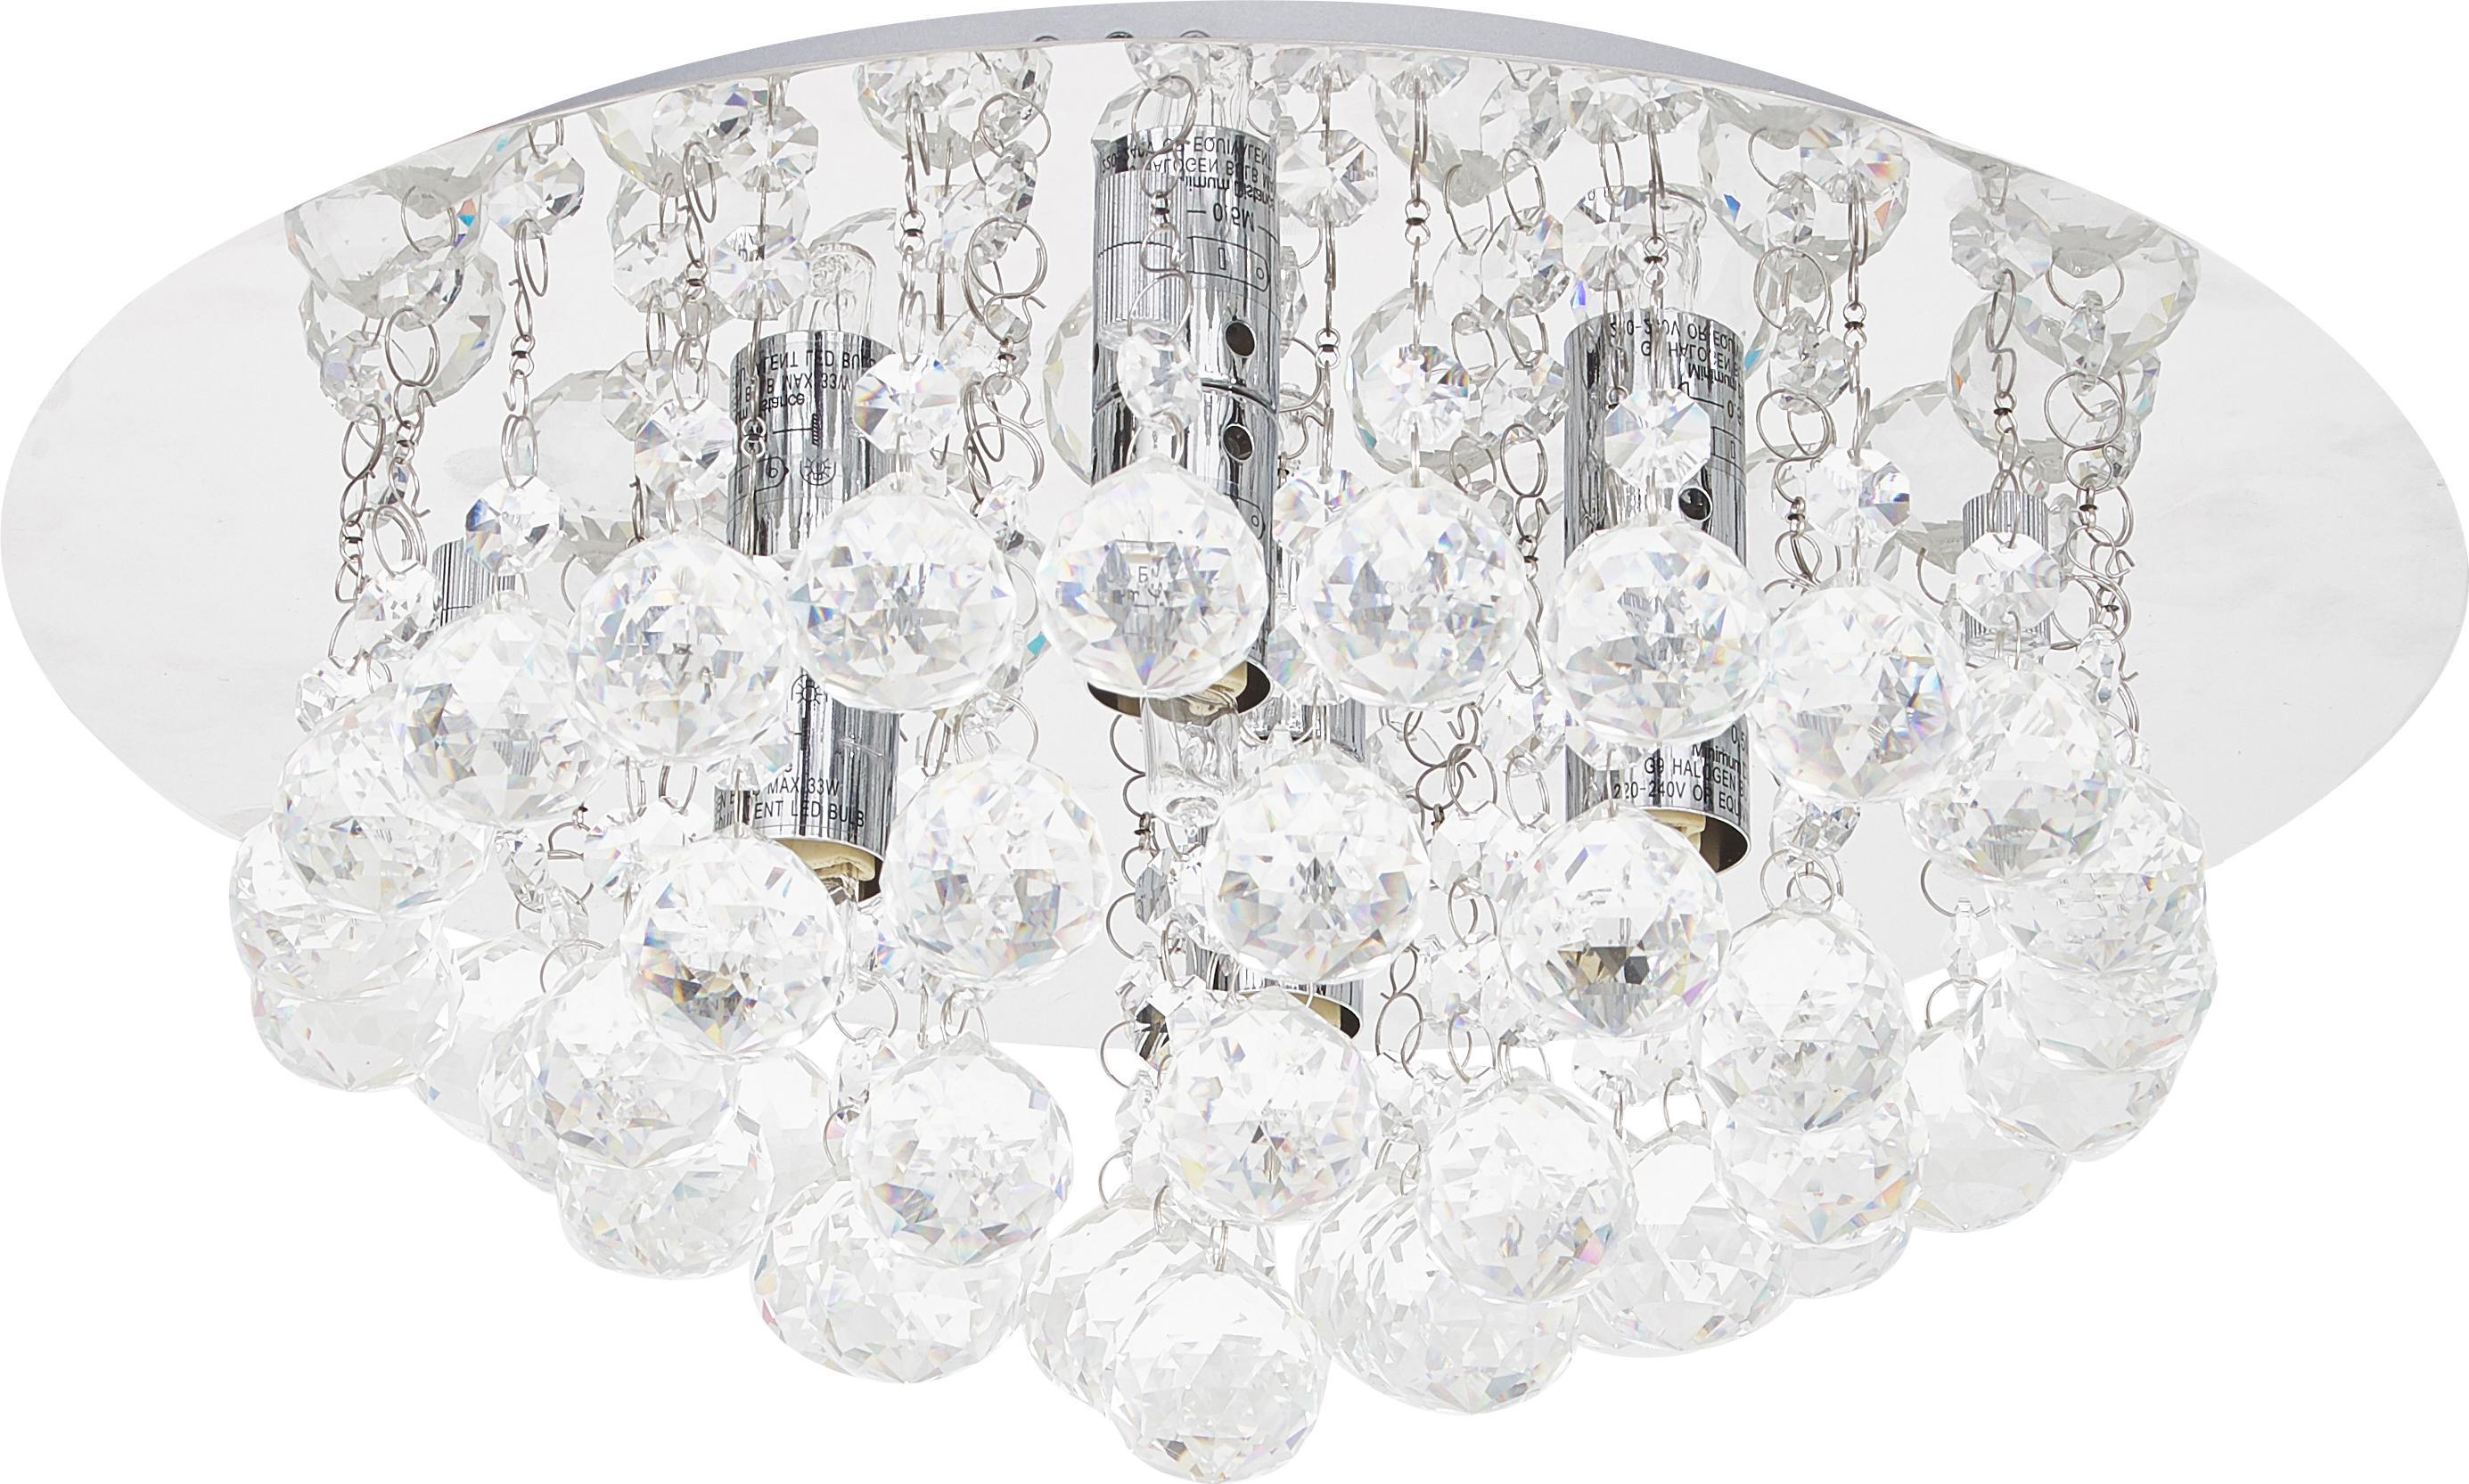 Plafoniera con cristalli in vetro Hanna, Metallo e cristallo, Argento, Ø 35 cm x Alt. 18 cm